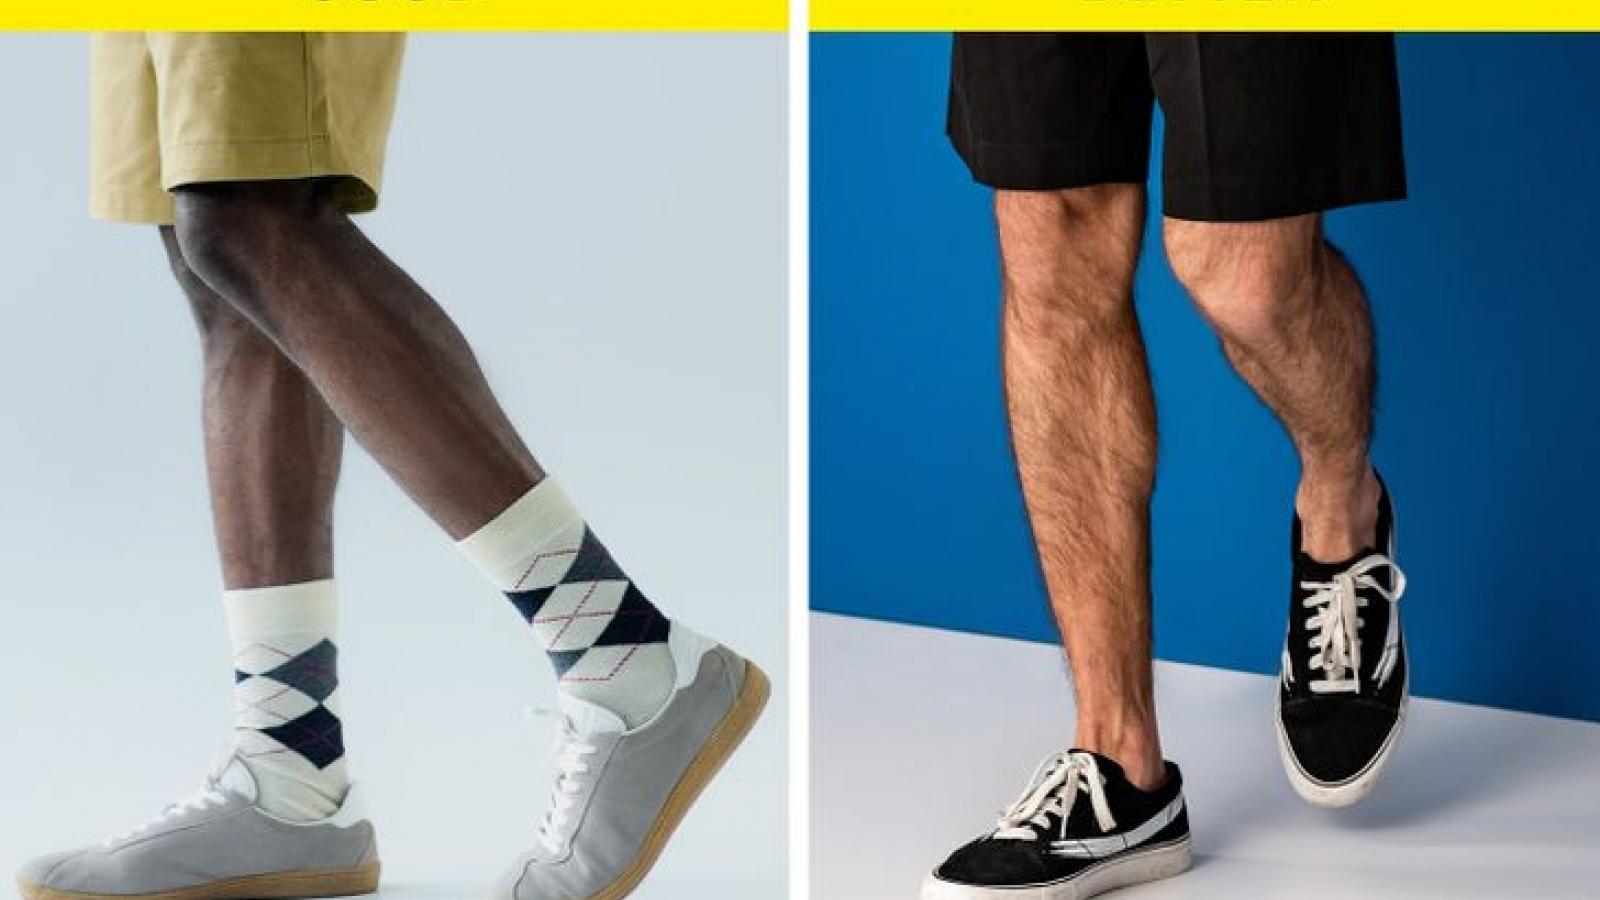 Sai lầm phổ biến của đàn ông khi chọn quần áo mùa hè